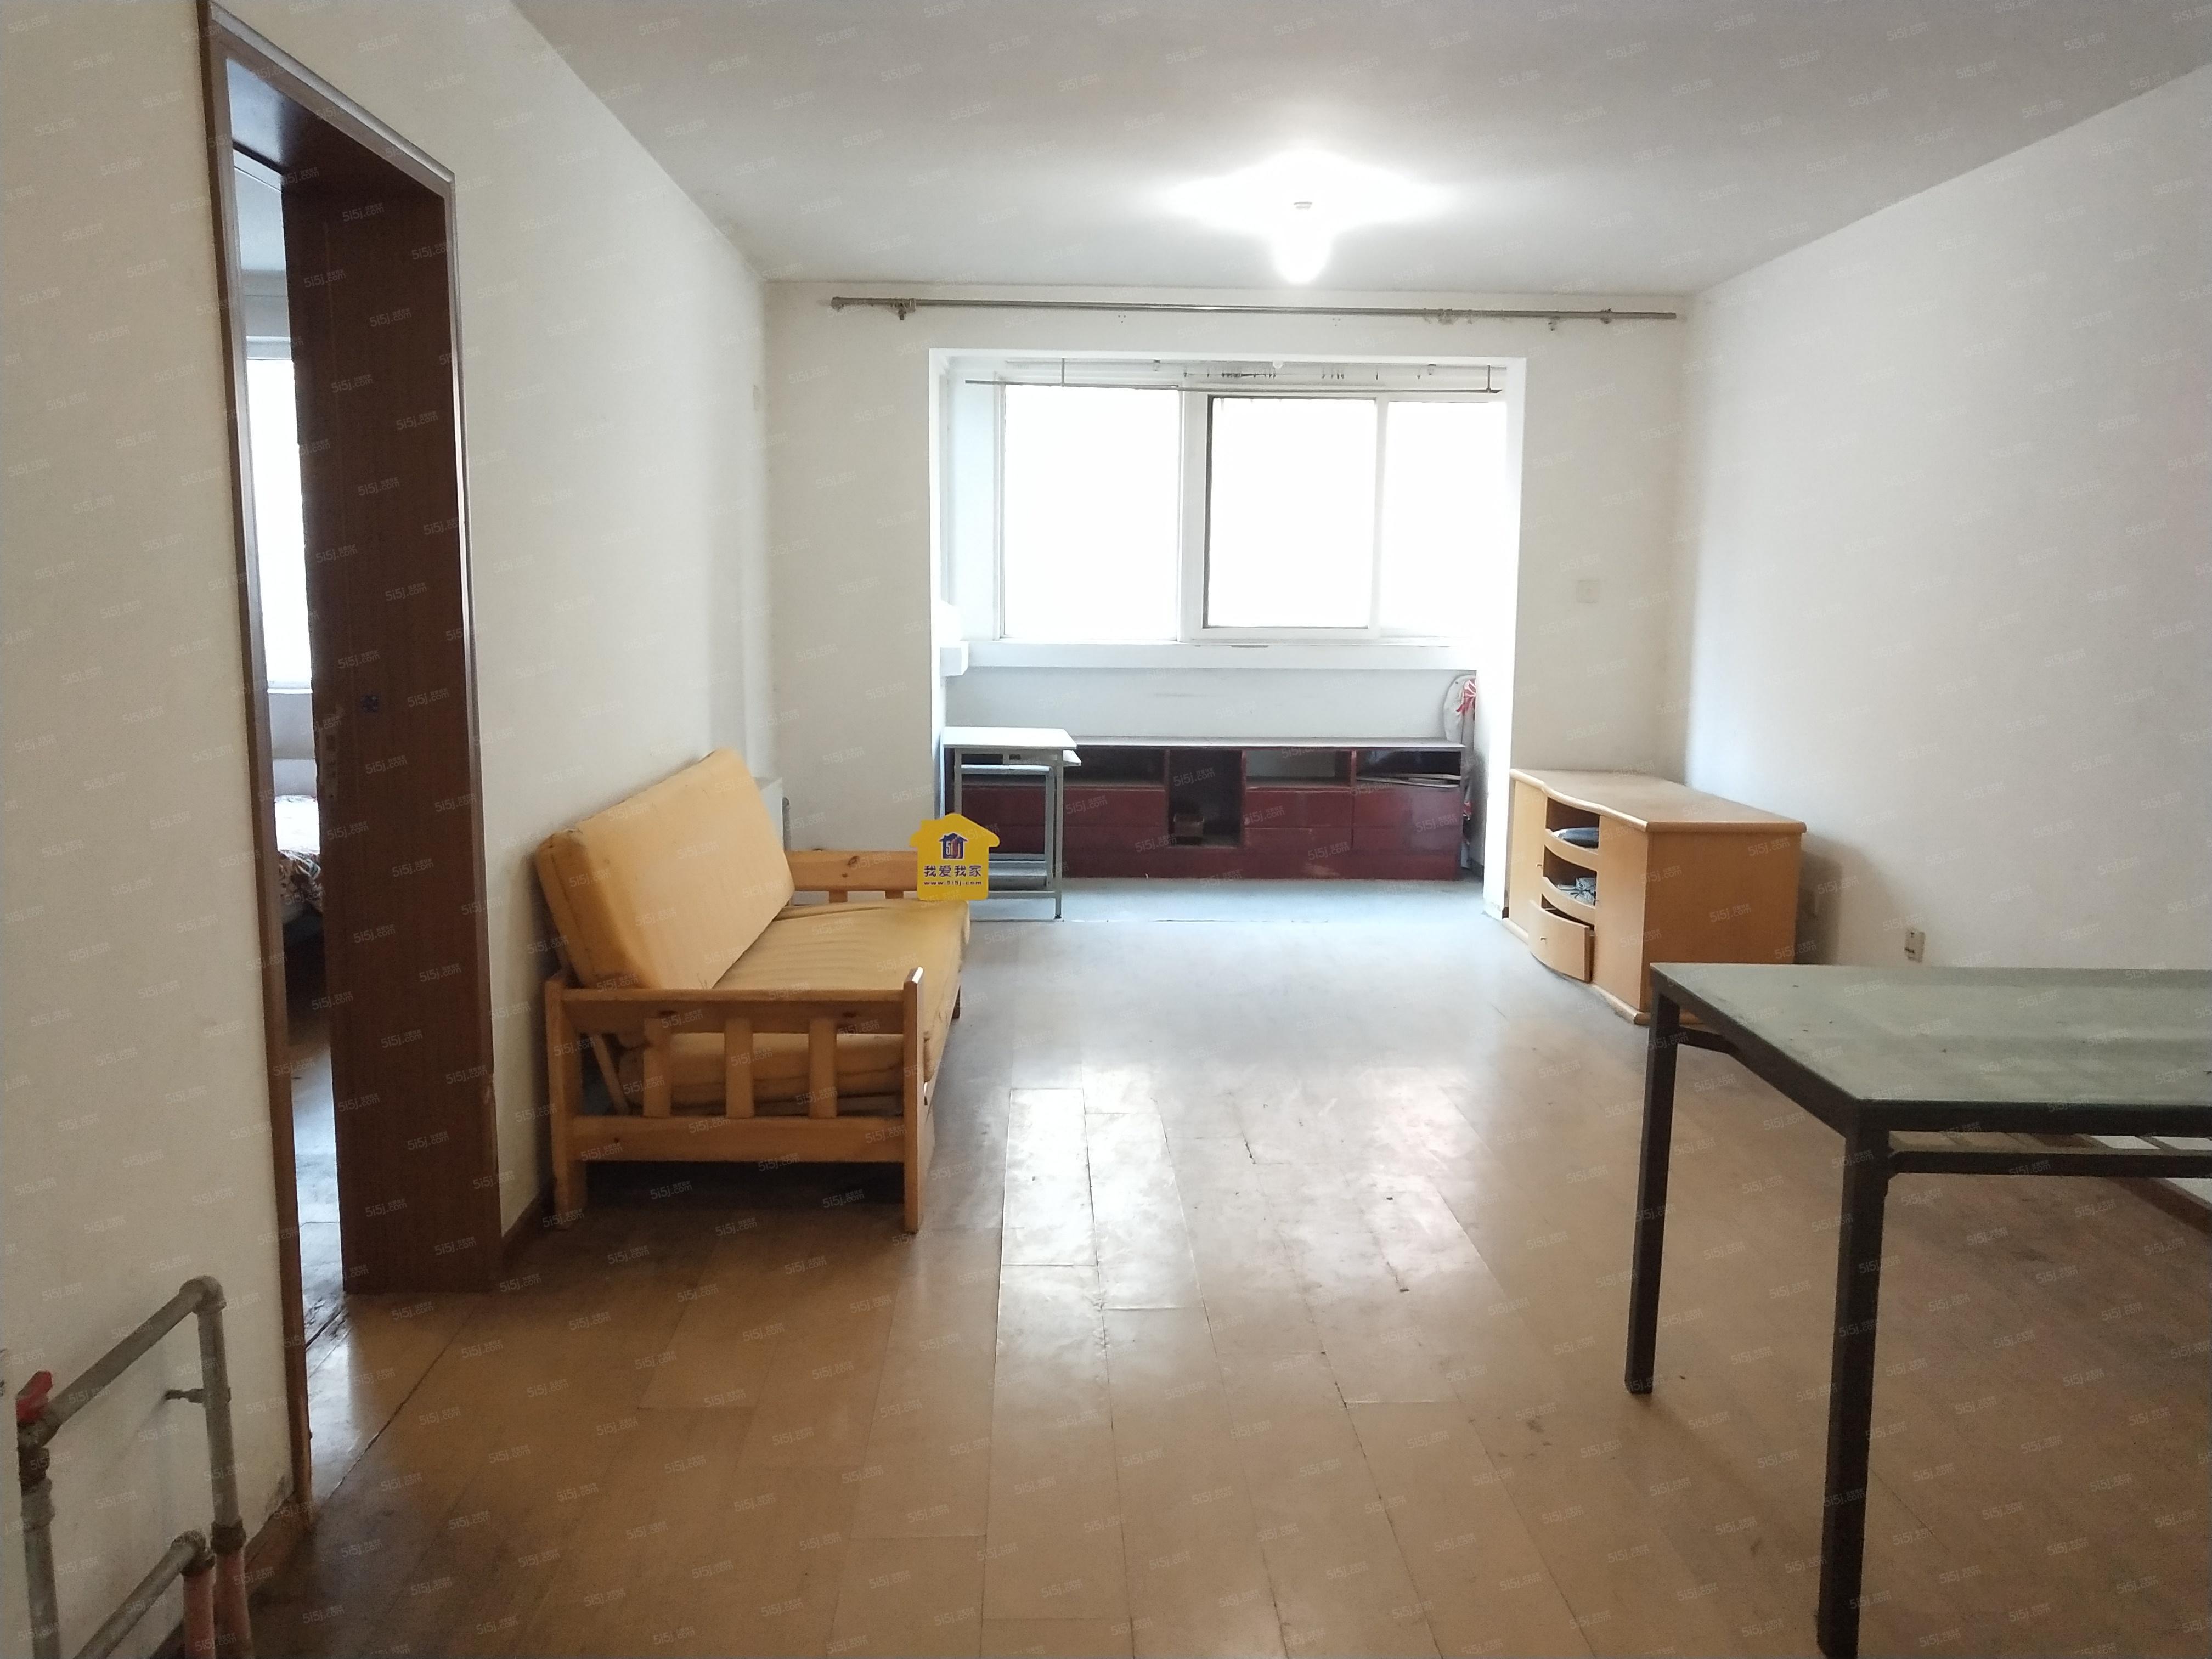 回龙观 天露园一区大两居室 业主直租 紧邻地铁 拎包入住